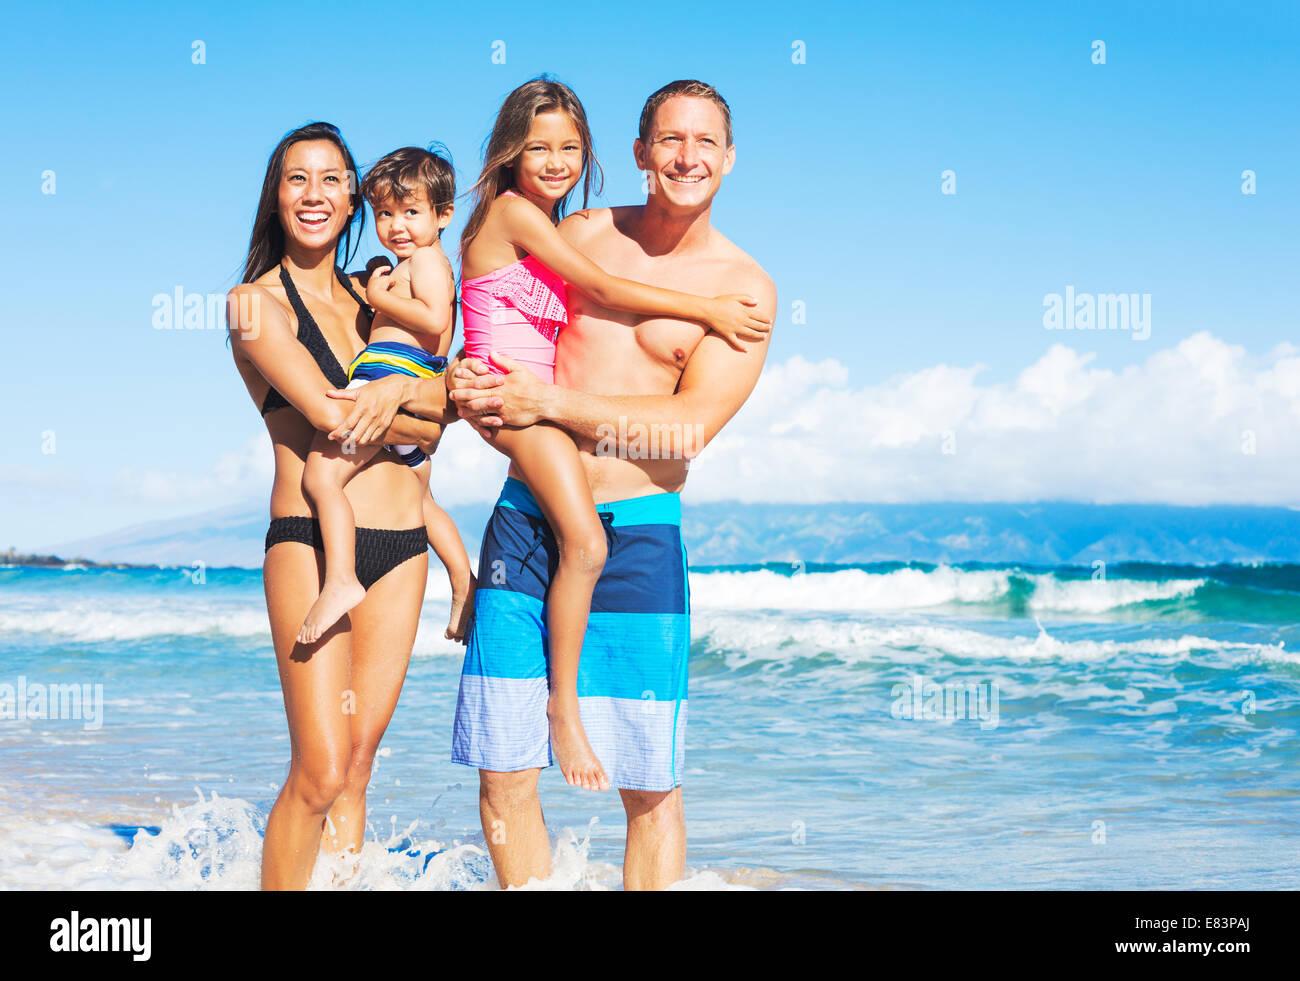 Happy Mixed Race vierköpfige Familie auf tropischen Sonnenstrand Stockbild